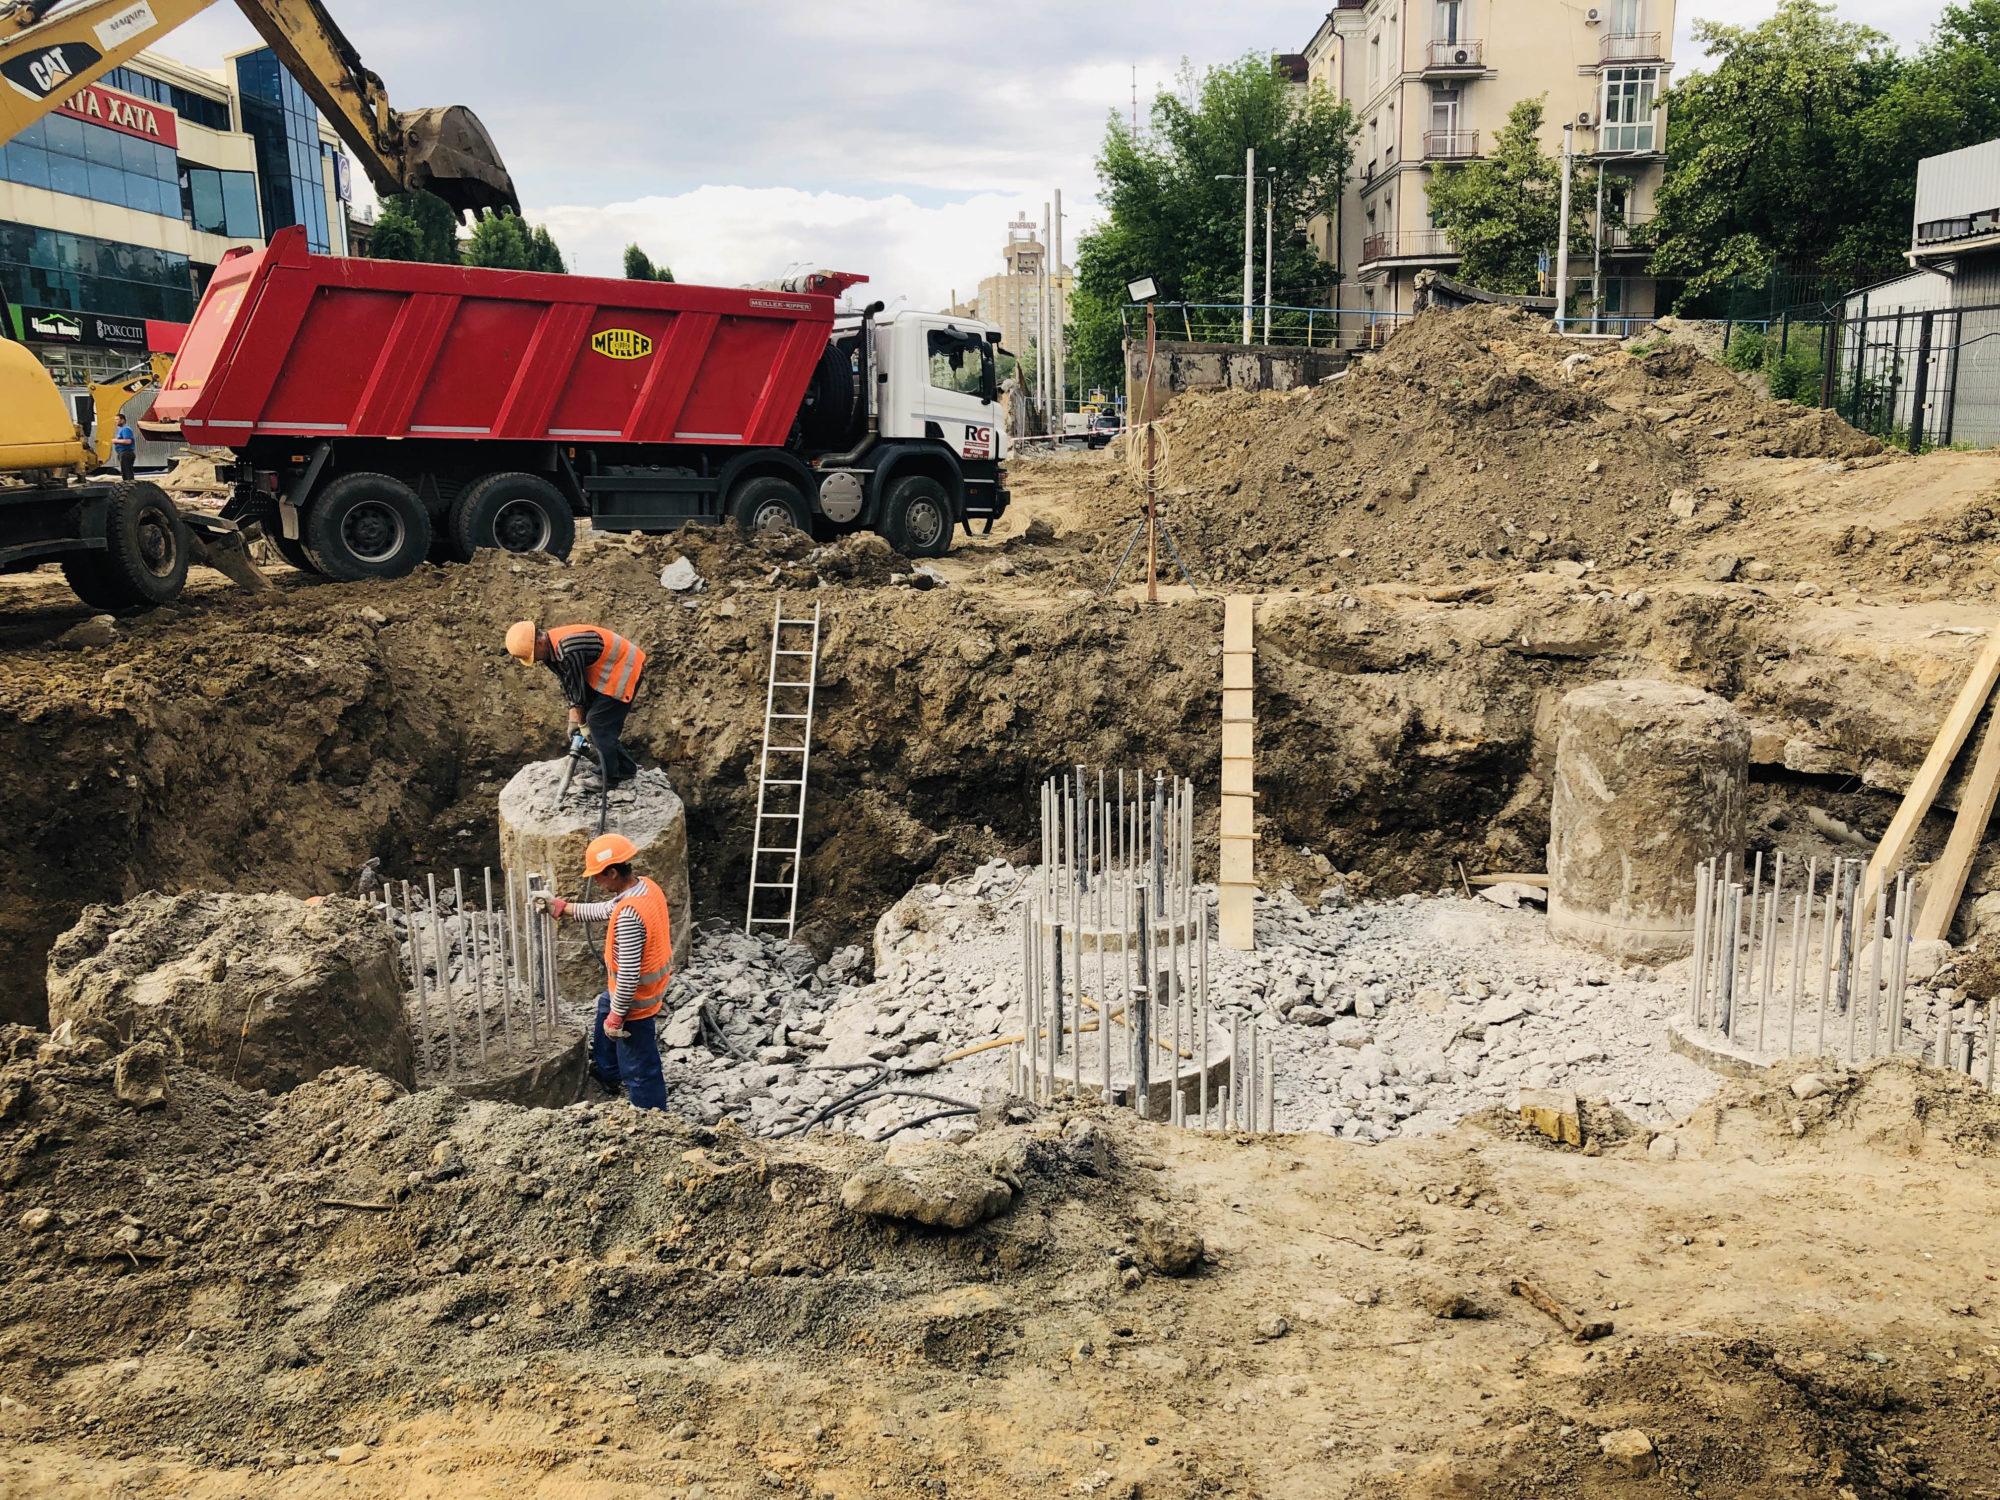 Шулявський міст: будівництво, затори та небезпечний перехід. Фоторепортаж -  - 637gjgjg 1 2000x1500